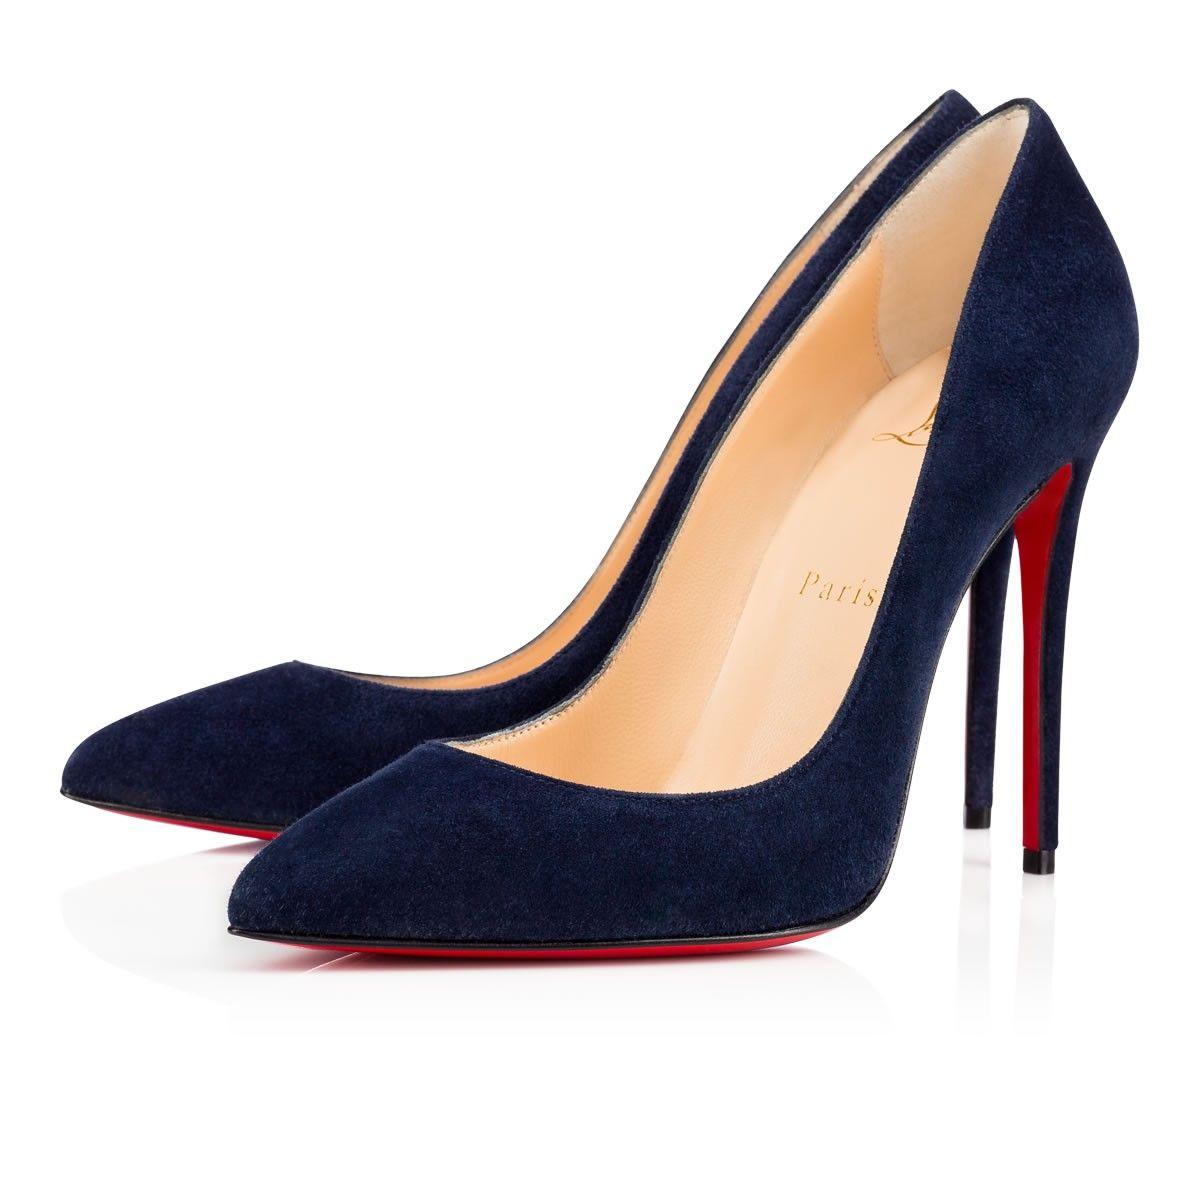 Intemporelle et pimpante, Pigalle Follies incarne la quintessence de l'esprit parisien. Paré de lignes sensuelles et fluides, ce soulier en velours night riche et fondant assure une silhouette séductrice et féminine du haut de son talon vertigineux 100 mm.